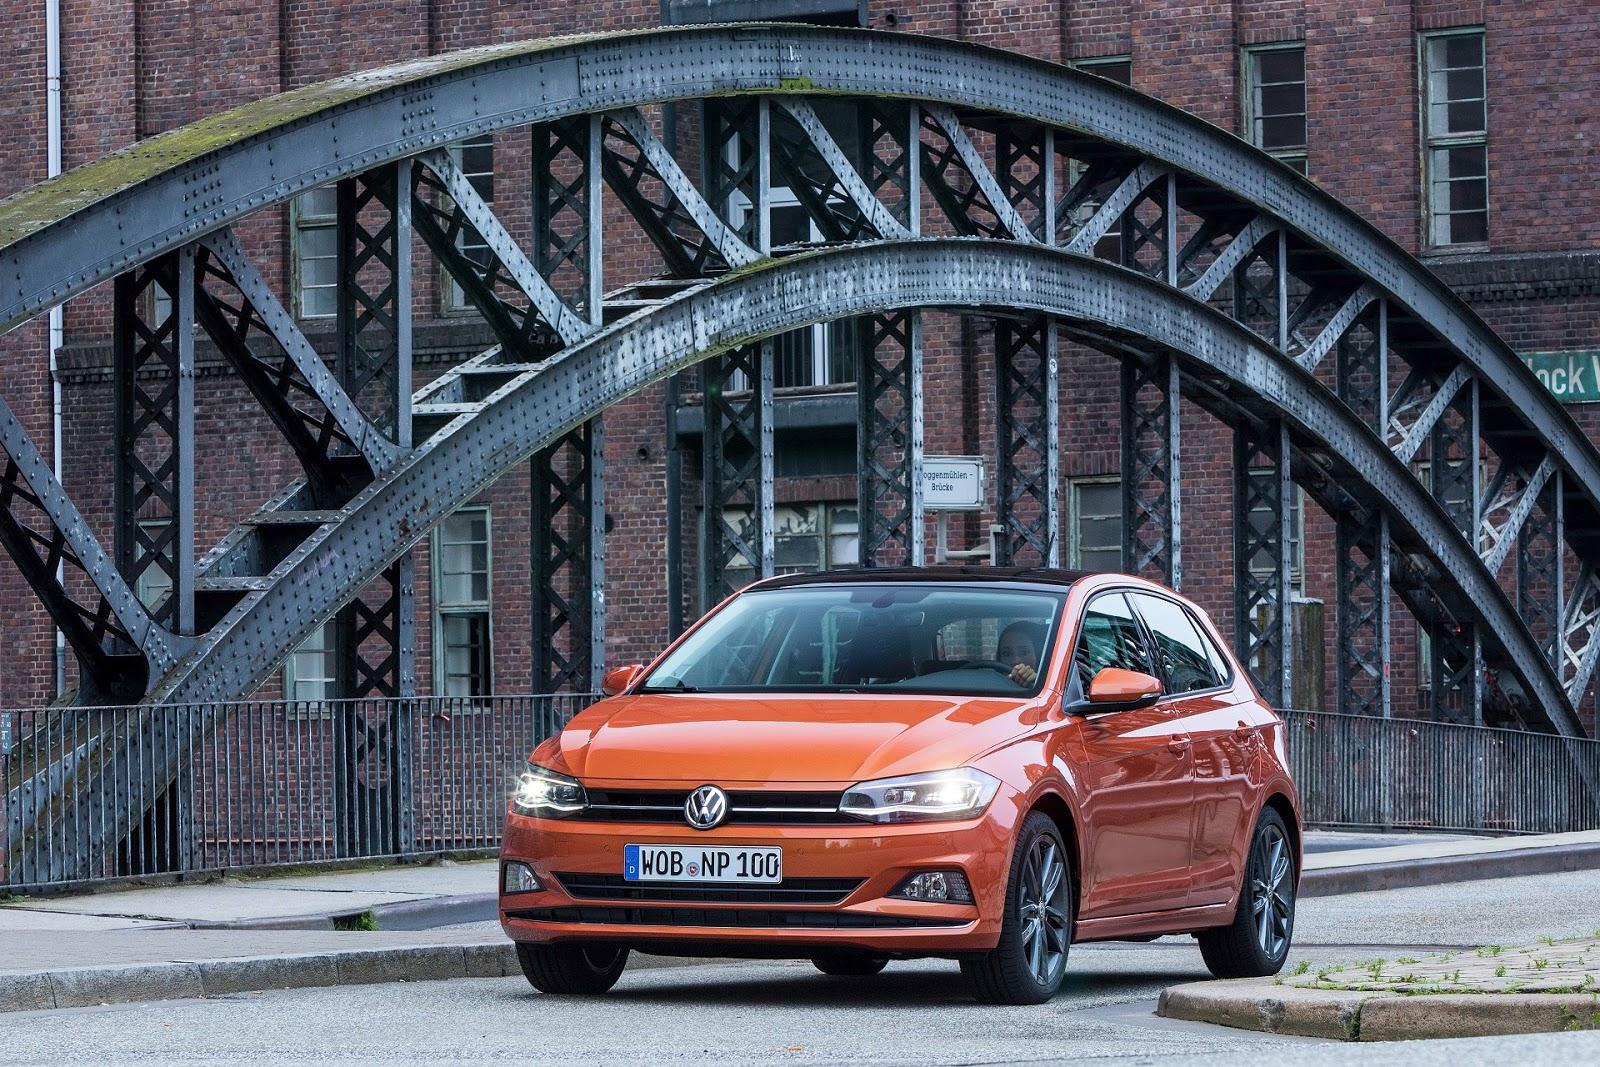 NEO2BVOLKSWAGEN2BPOLO Παγκόσμια πρωταθλήτρια στις πωλήσεις το Volkswagen Group Kosmocar, VAG, Volkswagen, VW, zblog, αγορά, πωλήσεις, πωλήσεις αυτοκινήτων